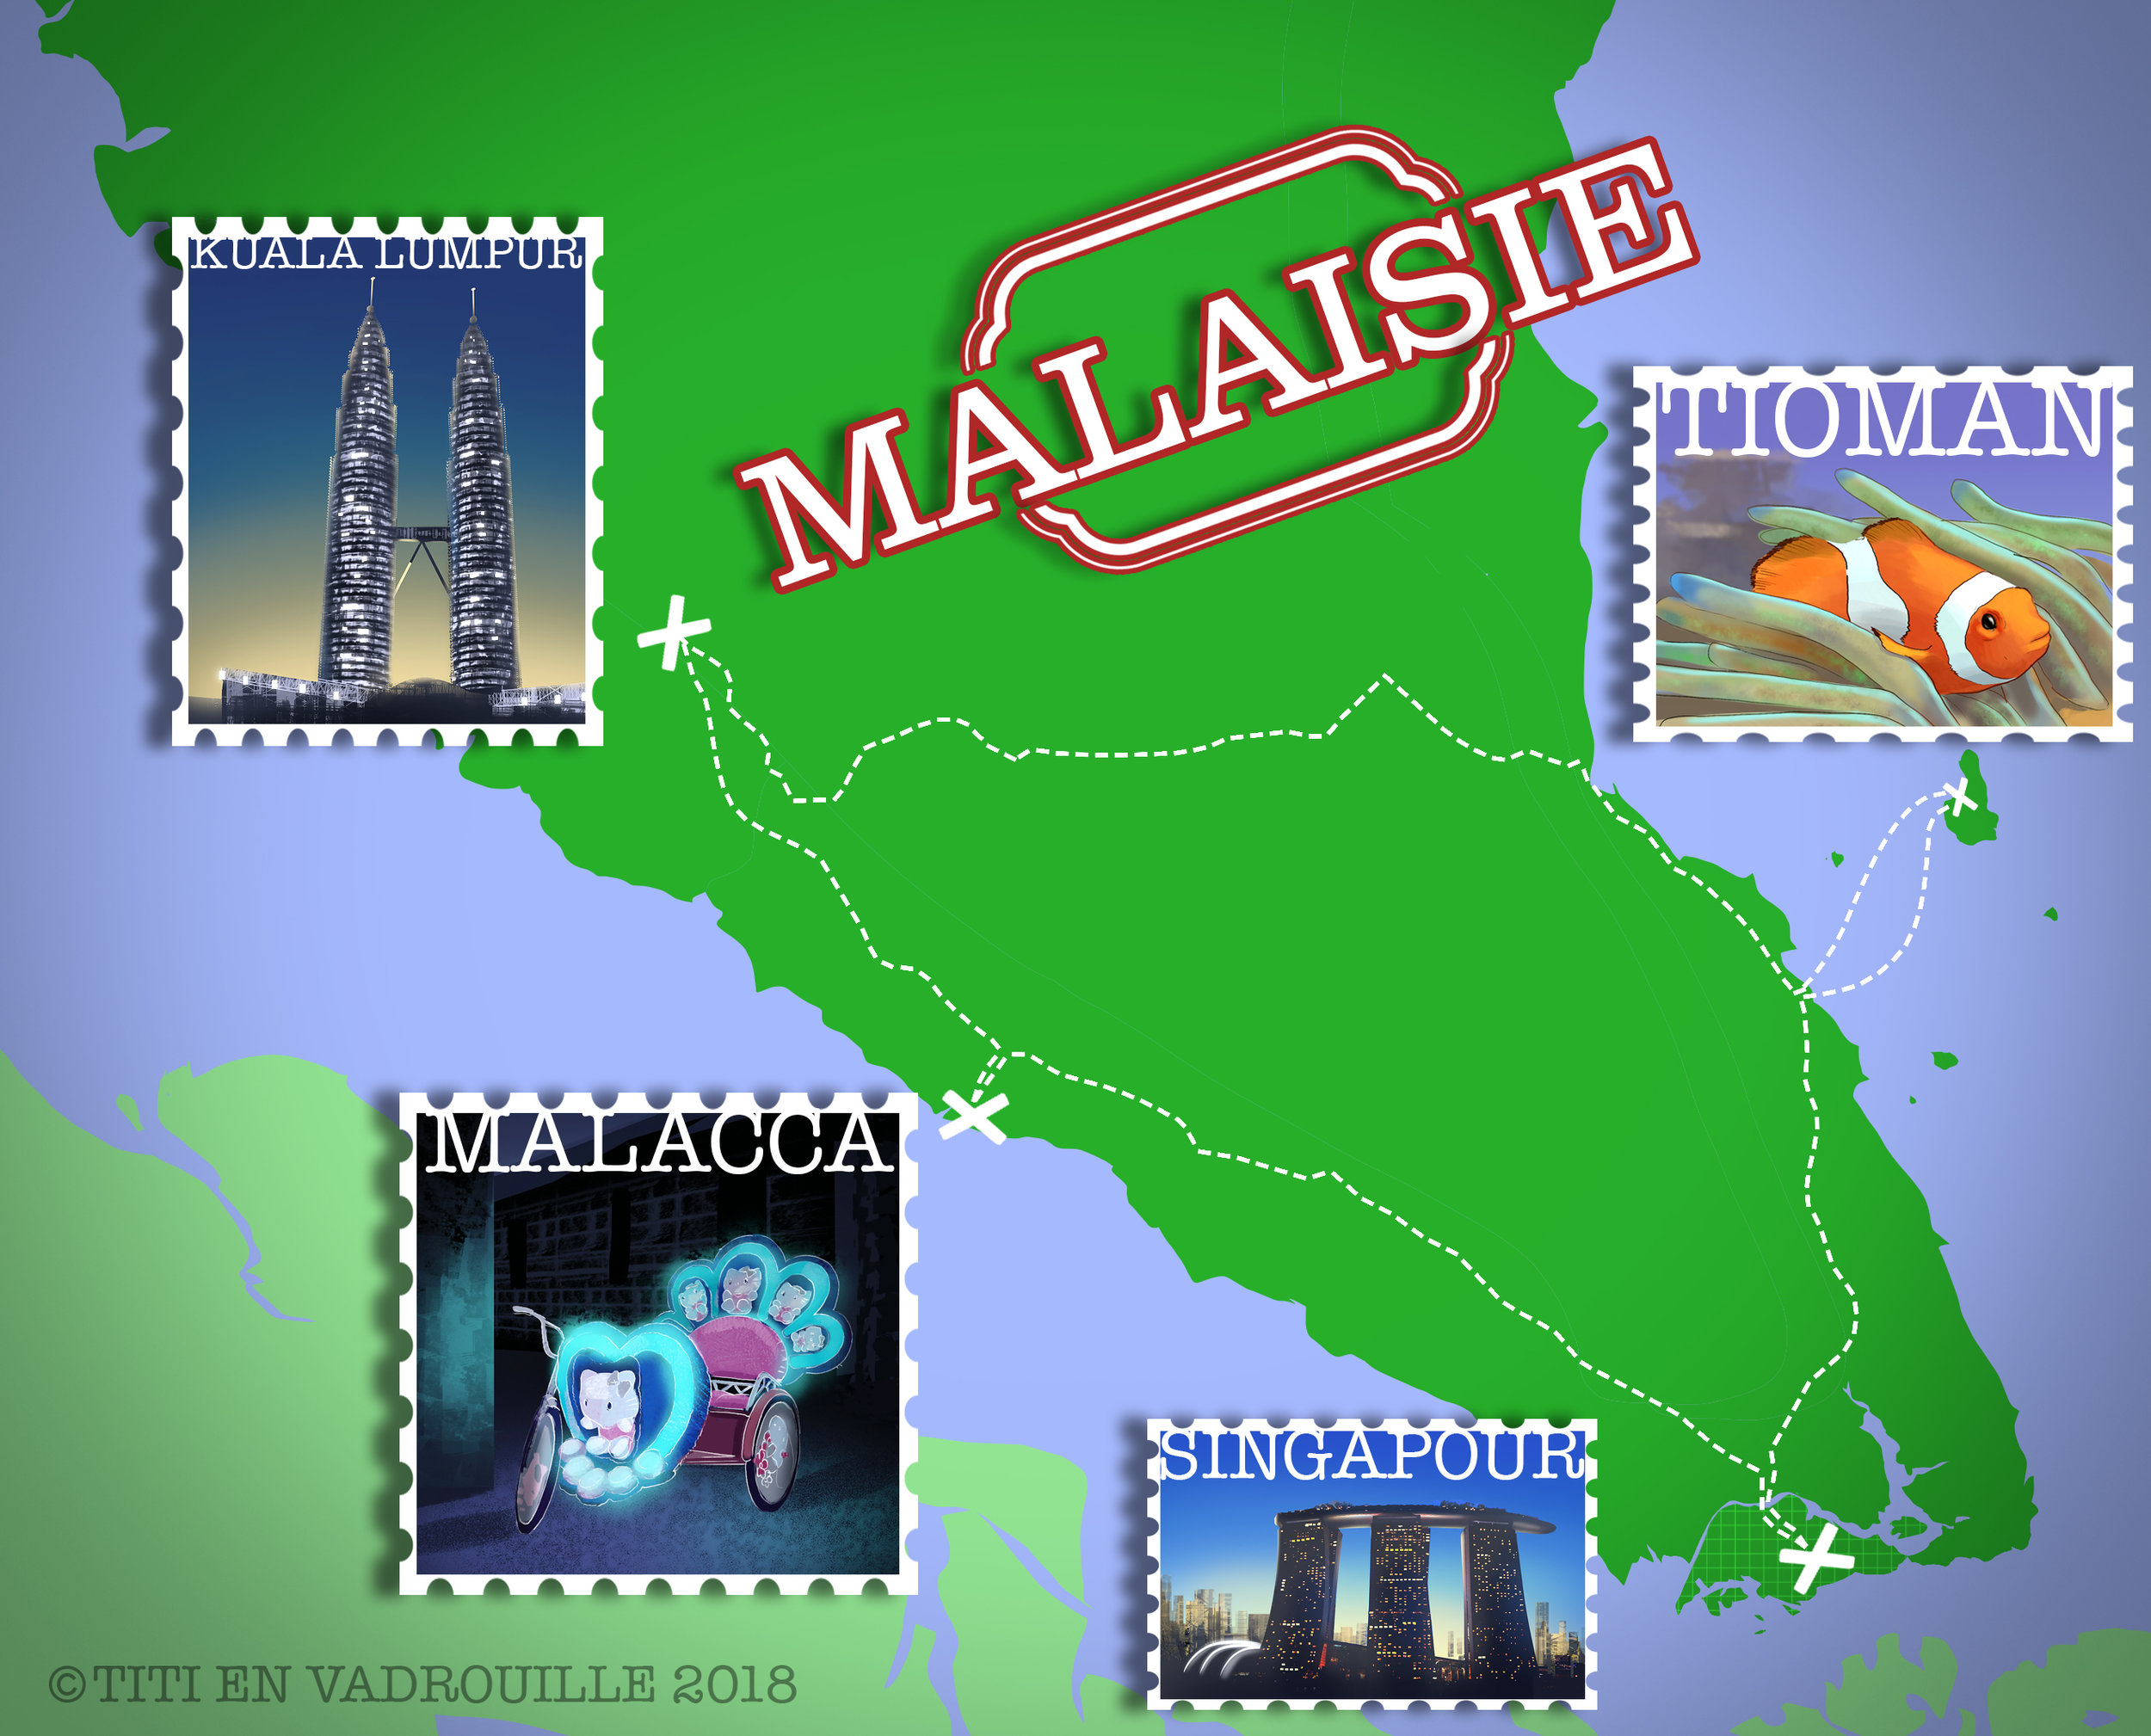 Un dessin vaut mille mots :) - Plus de 950 km parcourus en Malaisie- 4 bus, 2 bateaux et beaucoup de métros